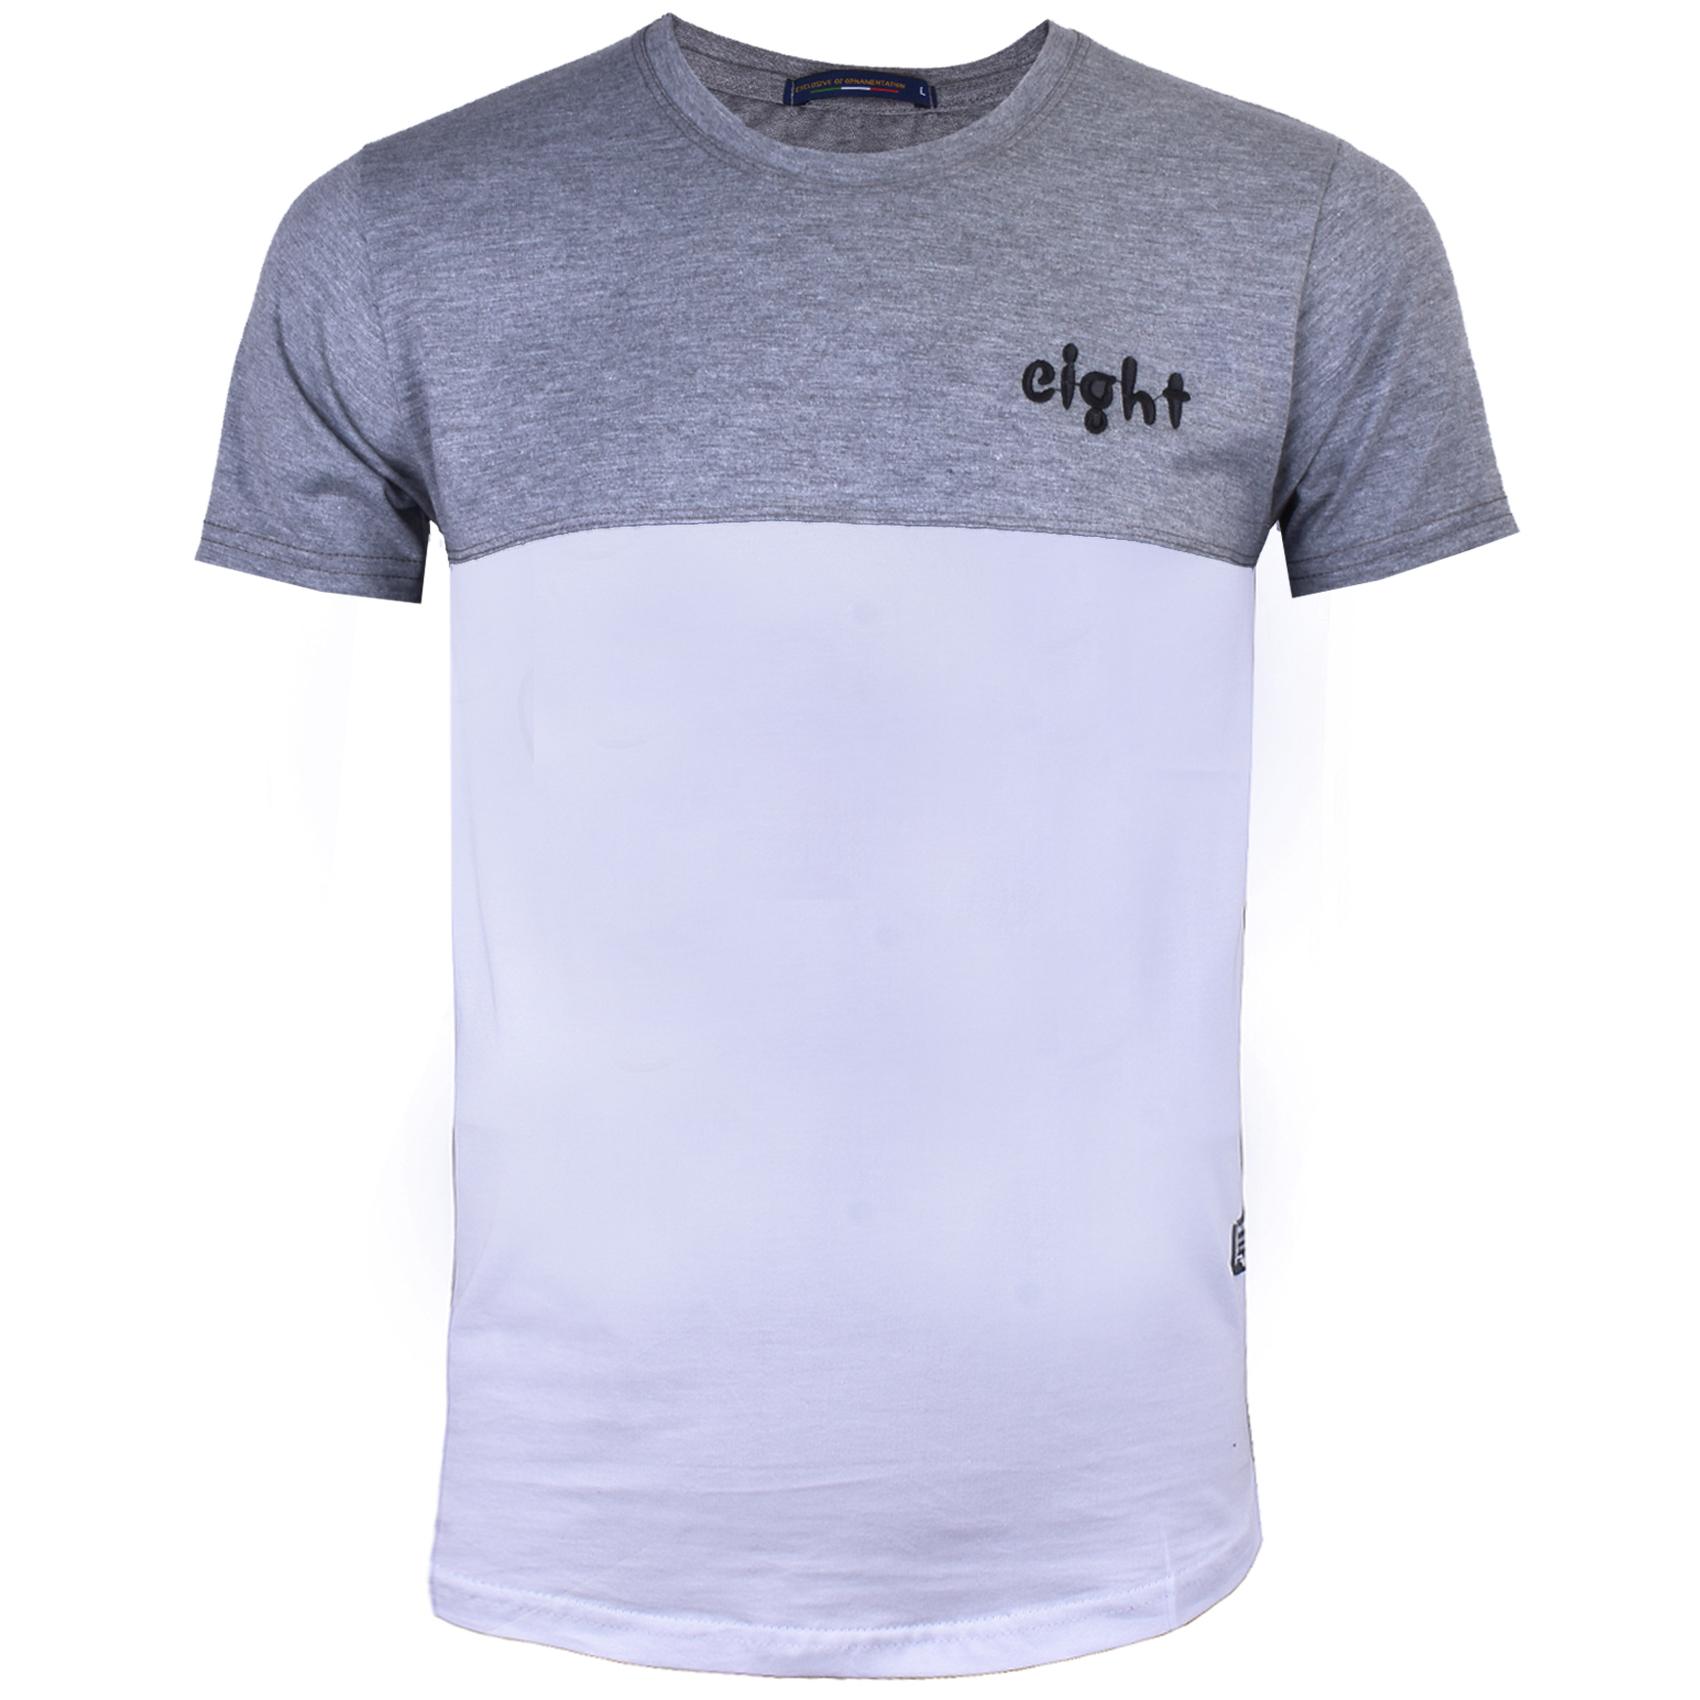 تی شرت مردانه طرح eight کد ei1